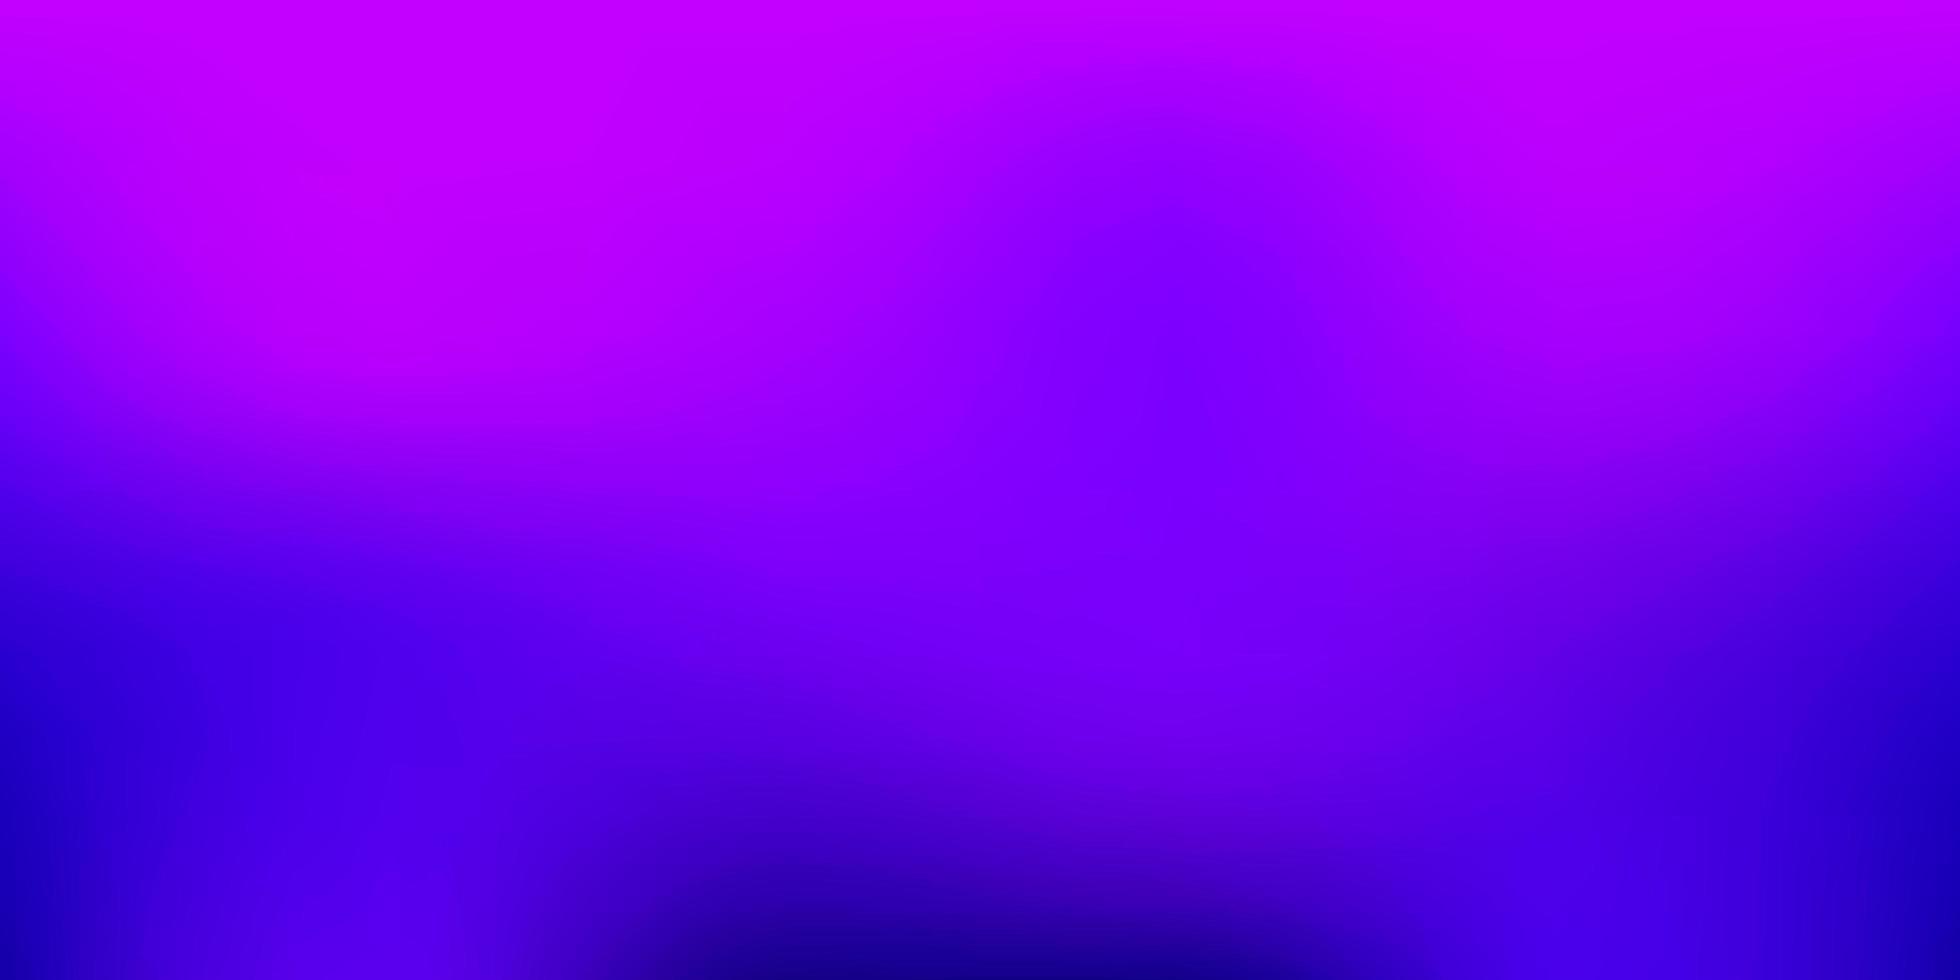 lichtpaars, roze kleurverloop achtergrond wazig. vector